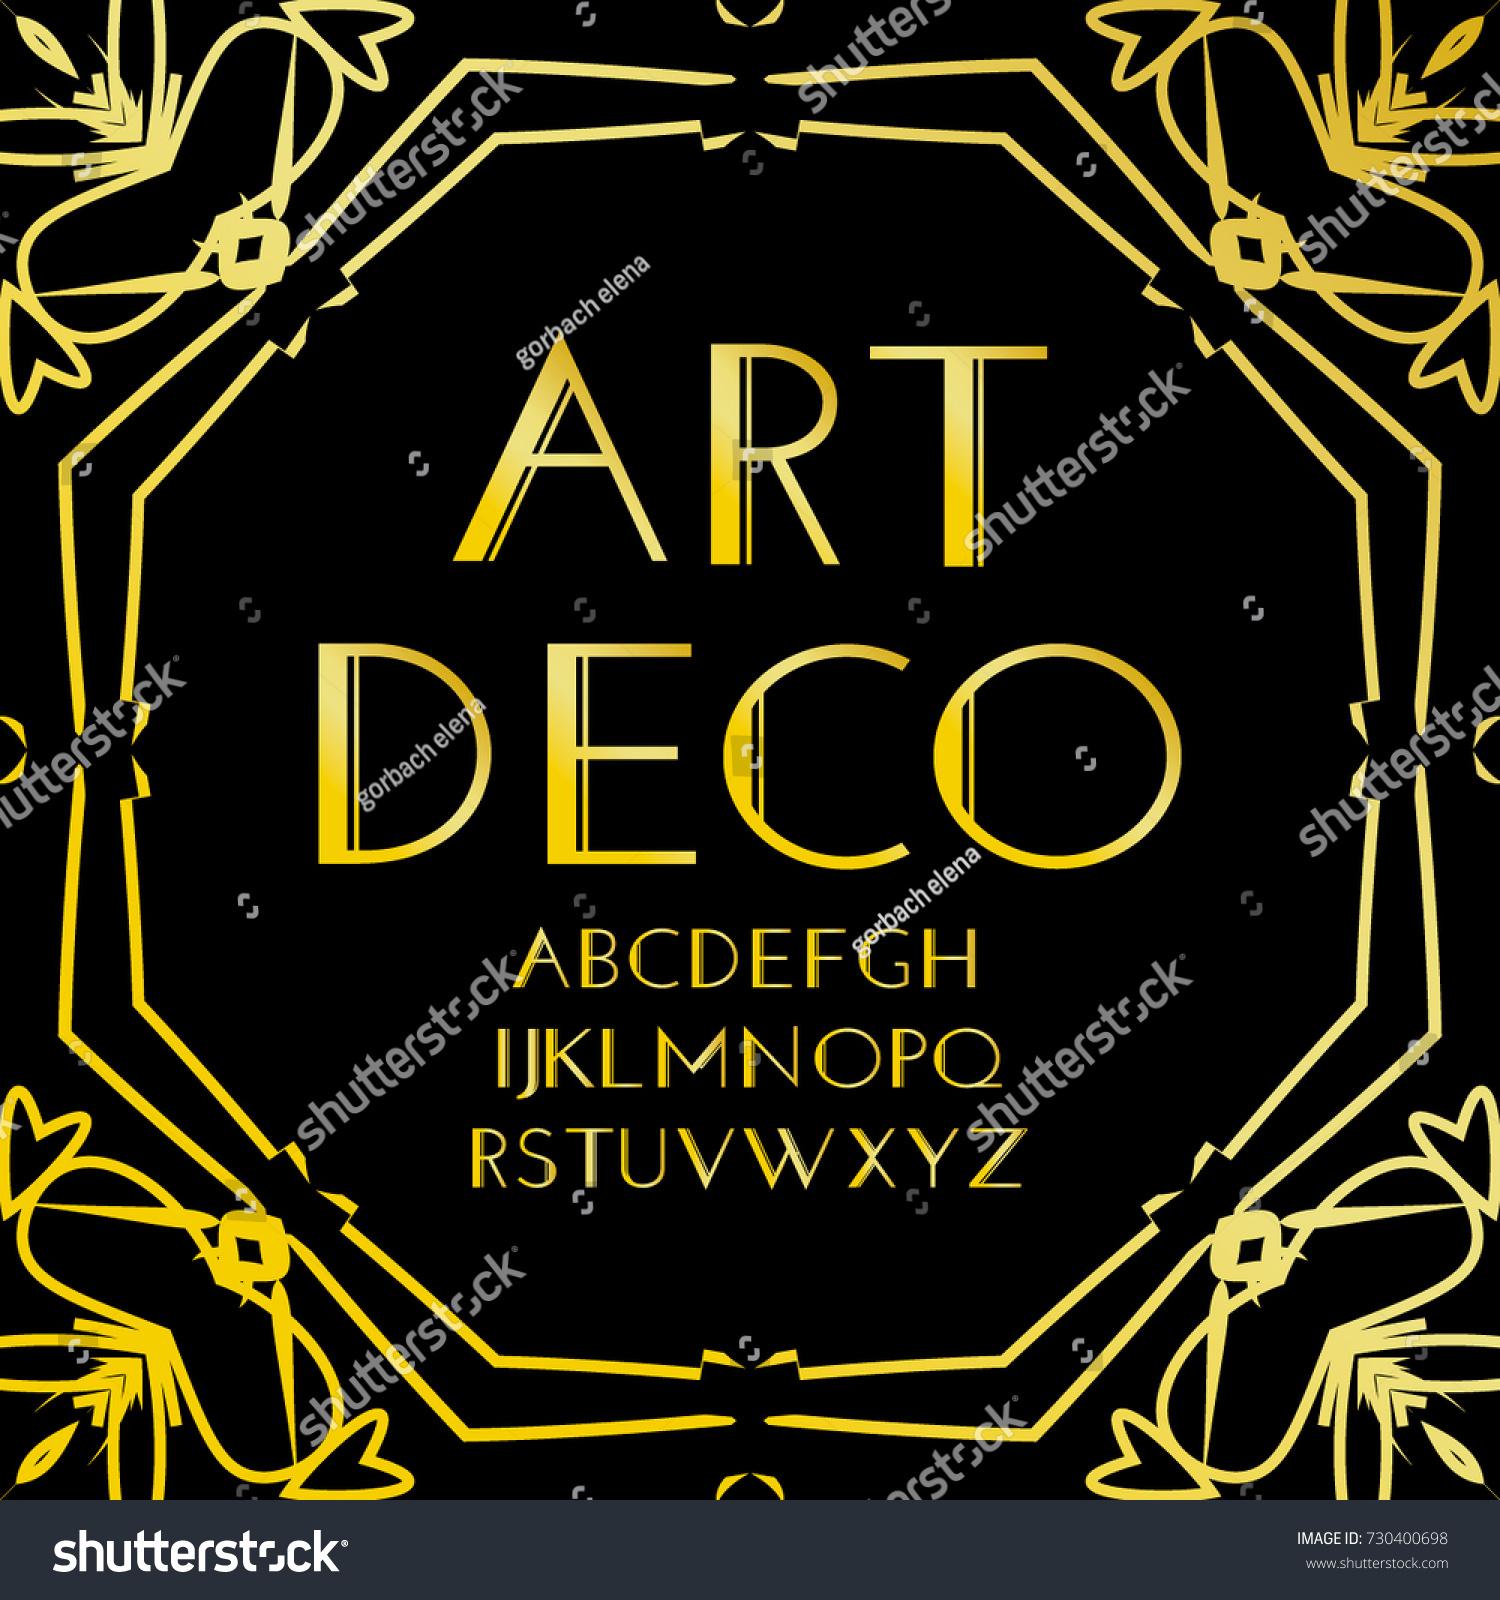 Deco Retro Wallpaper Fantasy Girl Chinese Retro Style